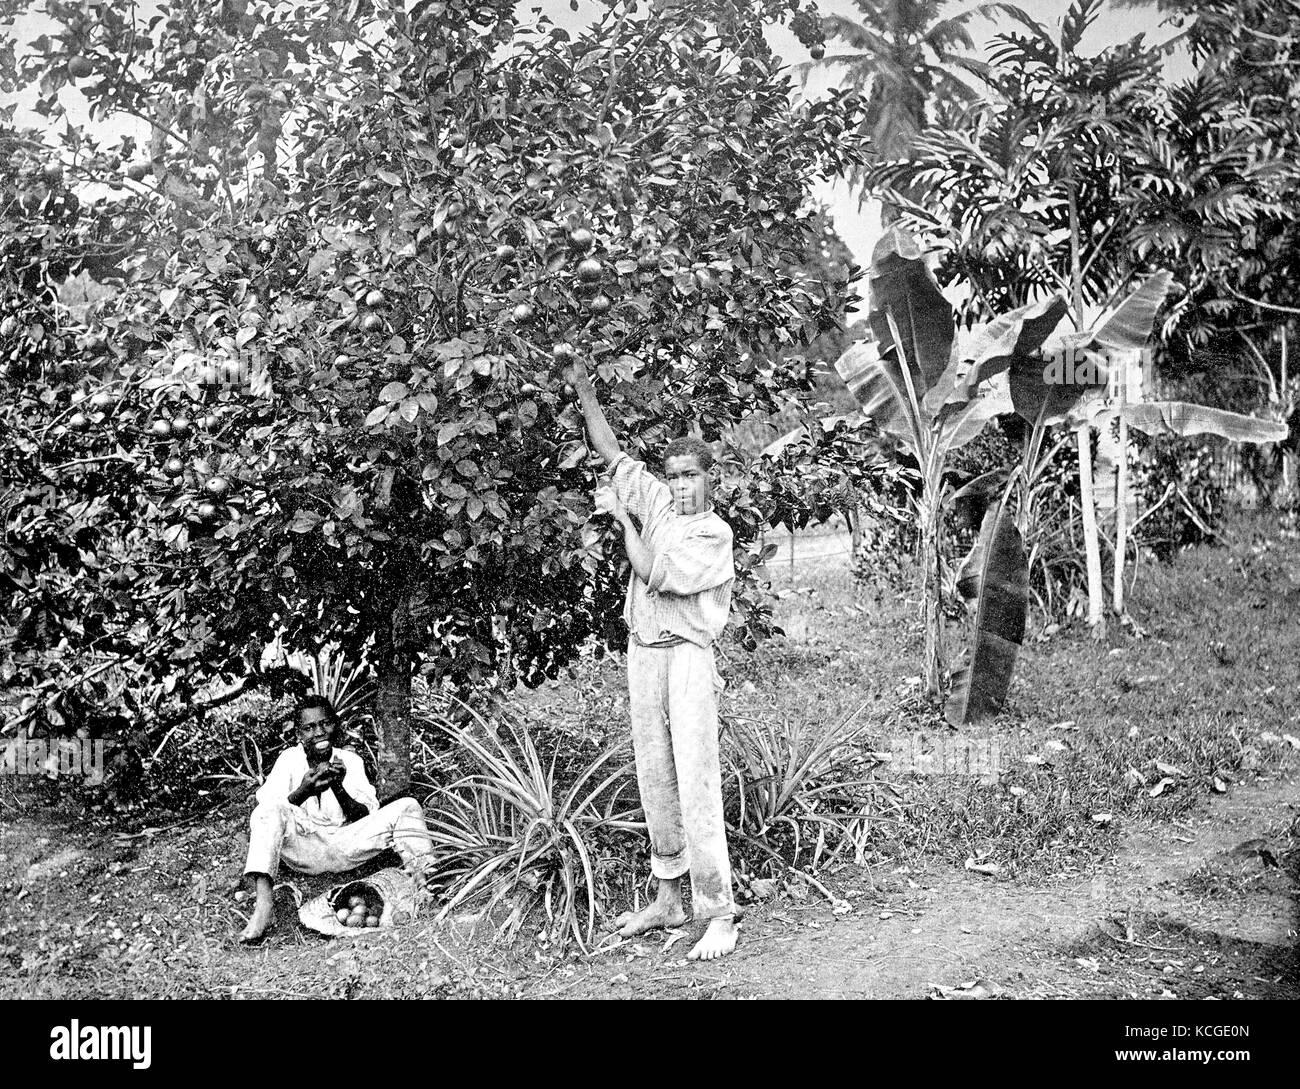 Jamaika, zwei Männer, die Ernte von Orangen, Orange, digital verbesserte Reproduktion einer historischen Foto Stockbild